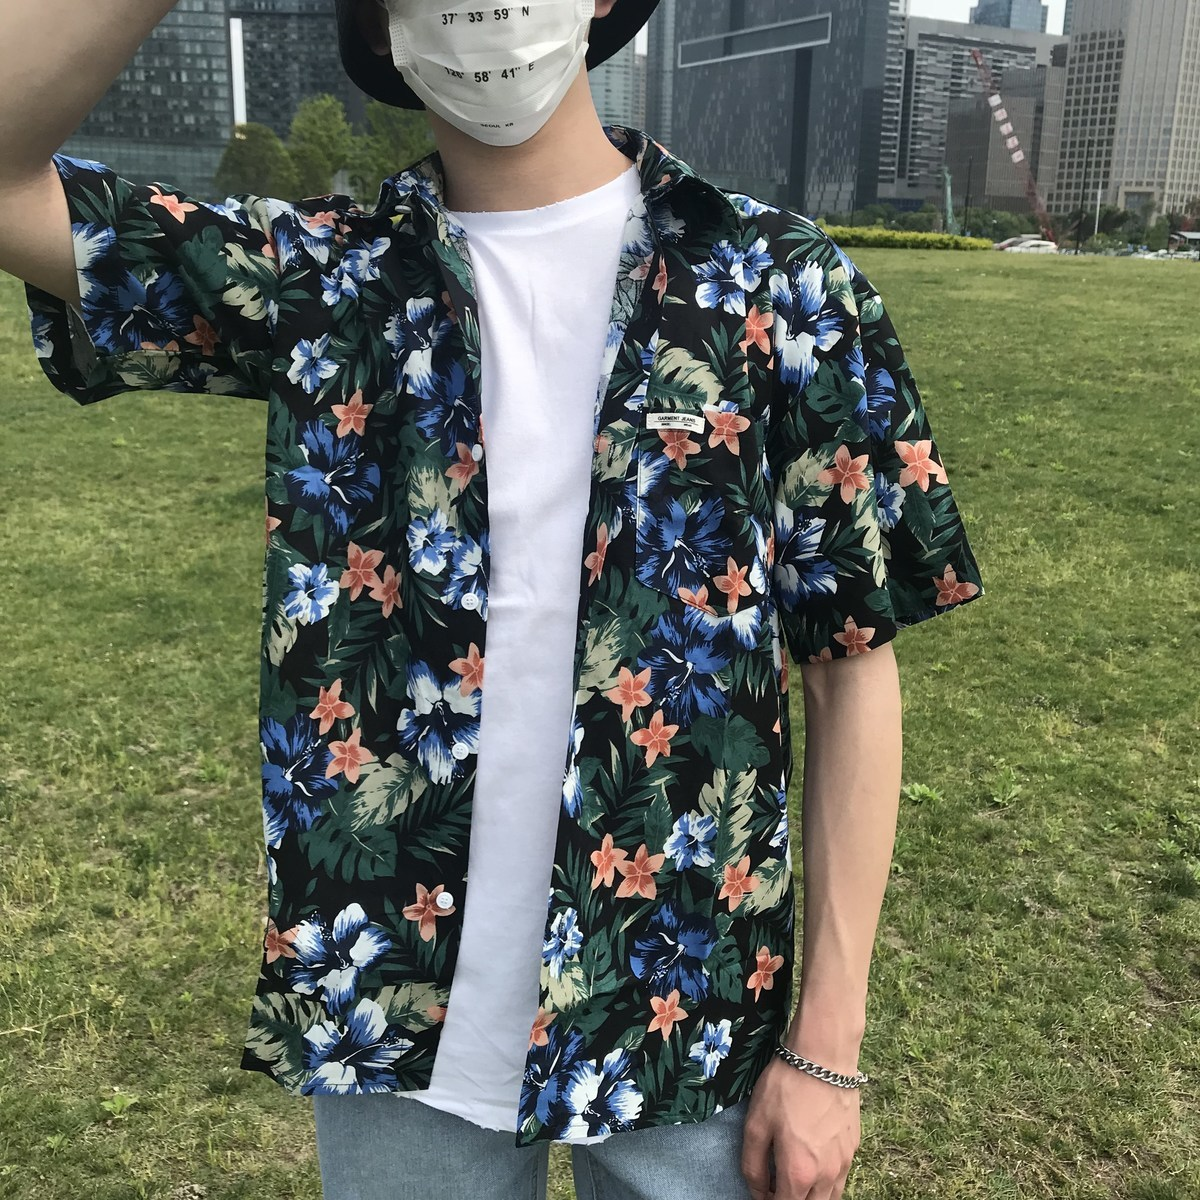 2018 Zomer Nieuw Patroon Jeugd Populair Mode Bloem Afdrukken camisa - Herenkleding